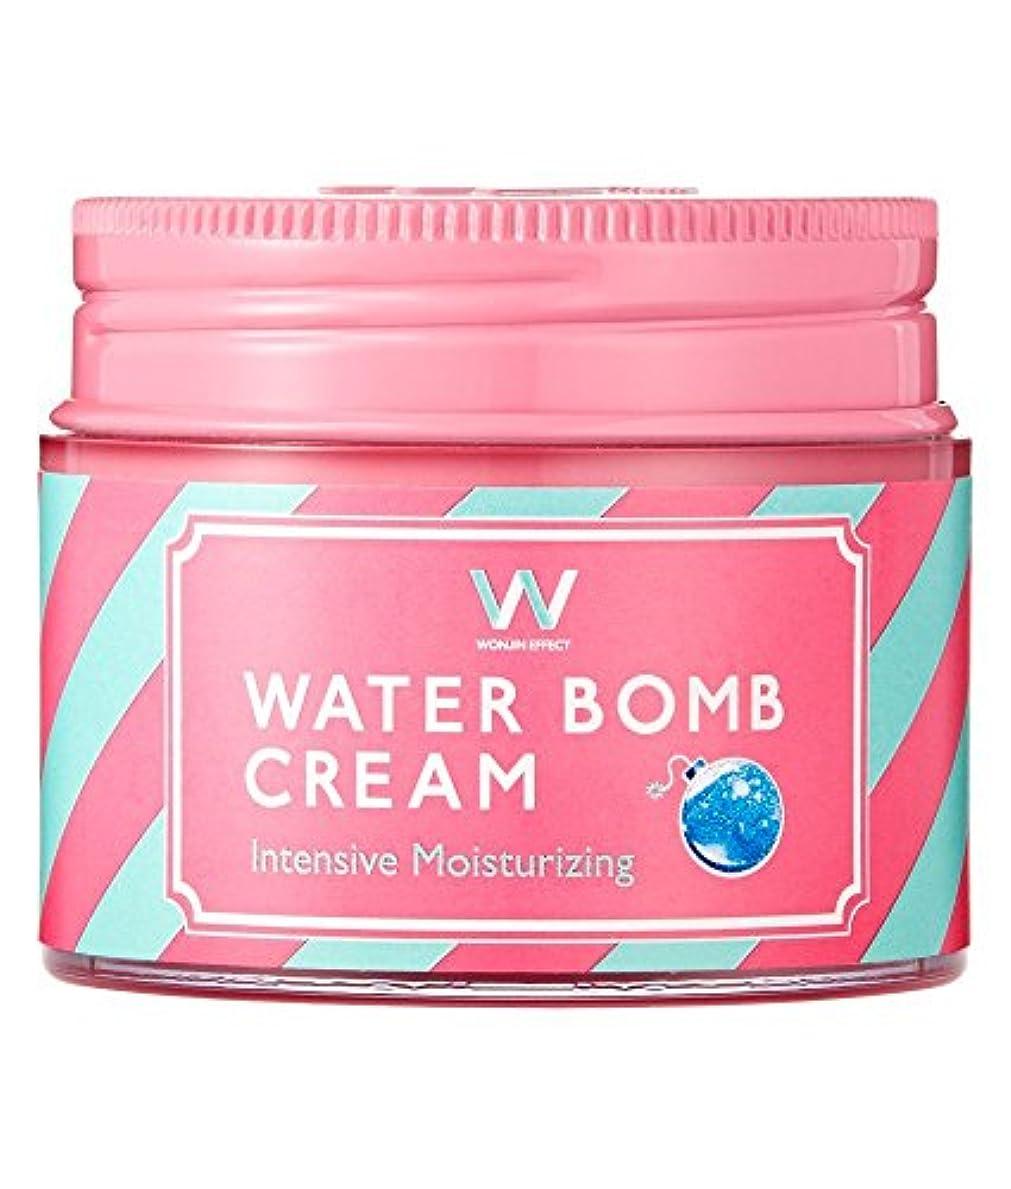 万一に備えて表現安らぎWONJIN EFFECT ウォンジンエフェクト水爆弾クリーム/ウォーターボムクリーム [Water Bomb Cream] - 50ml, 1.69 fl. oz.